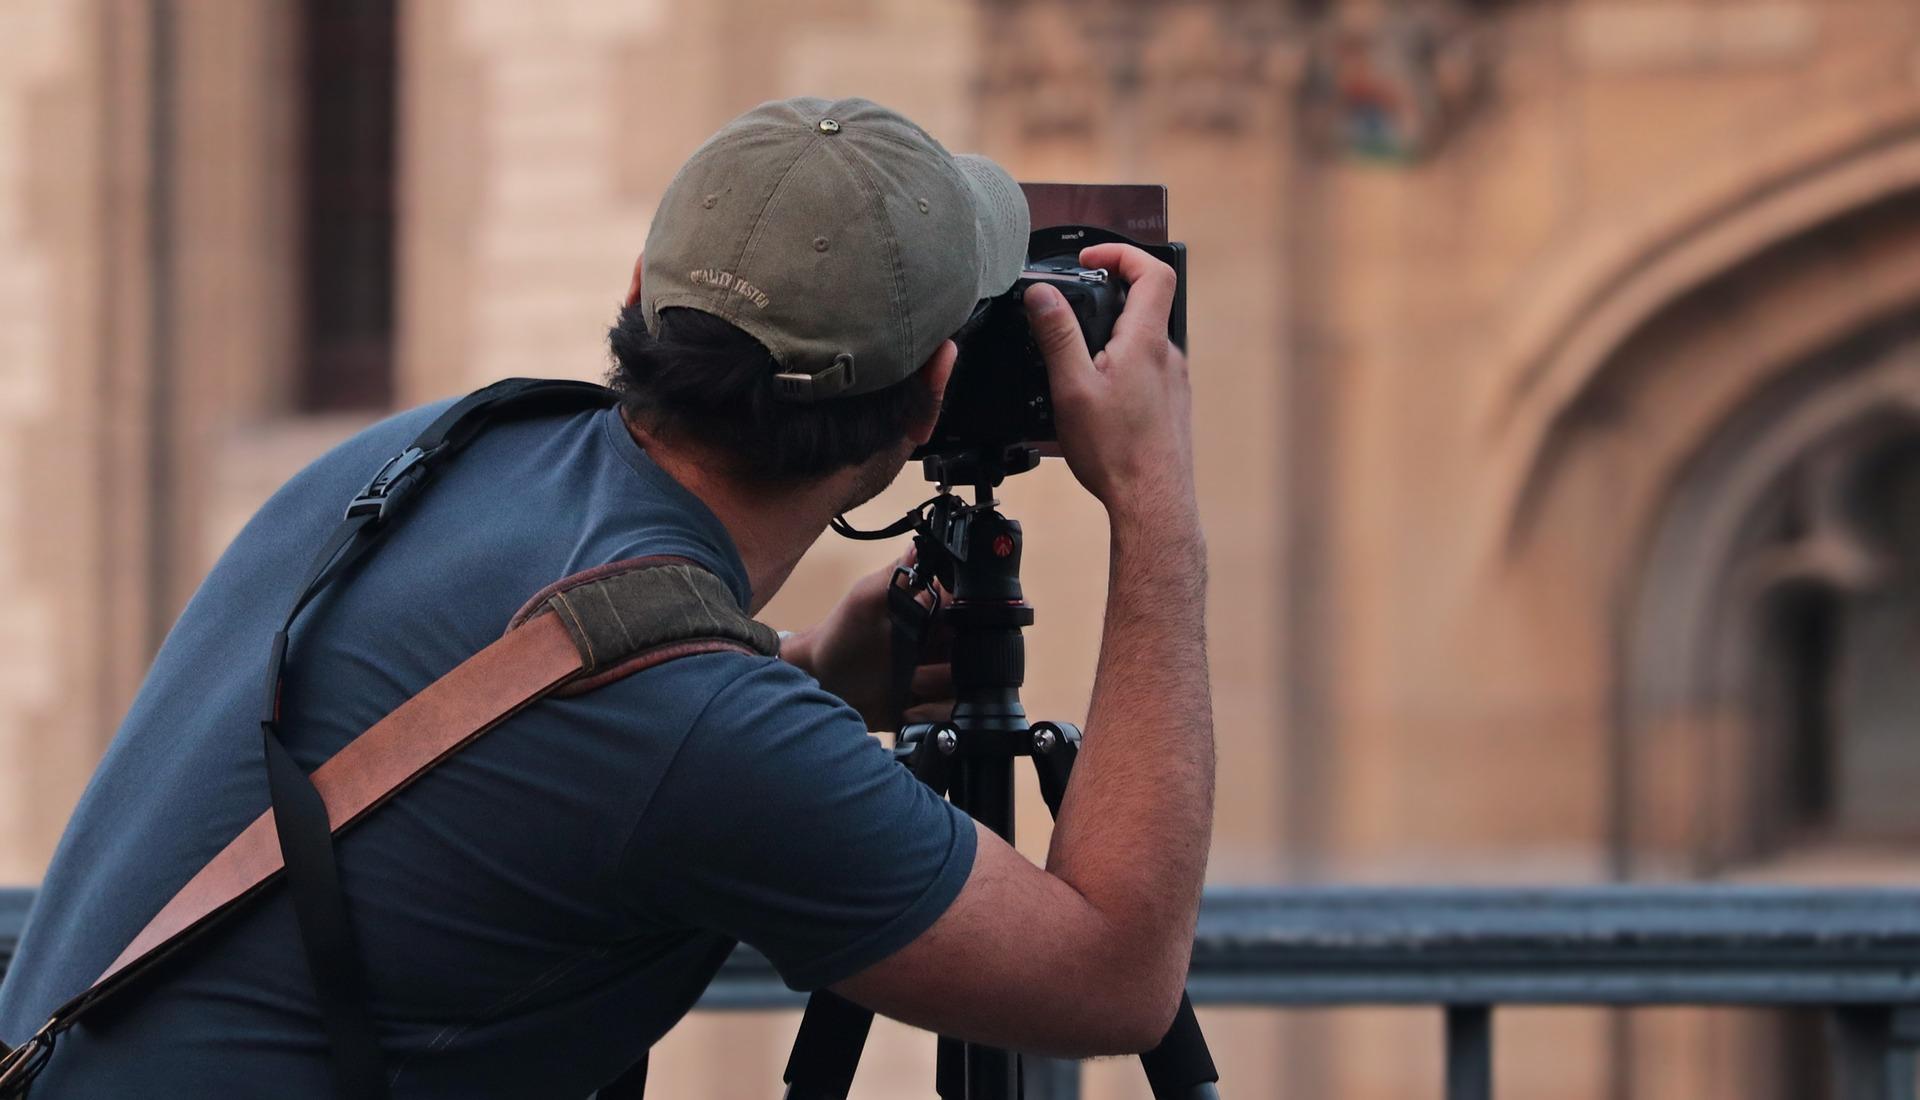 Visualsfrance.com : du matériel audiovisuel professionnel de qualité pour les spécialistes de l'image